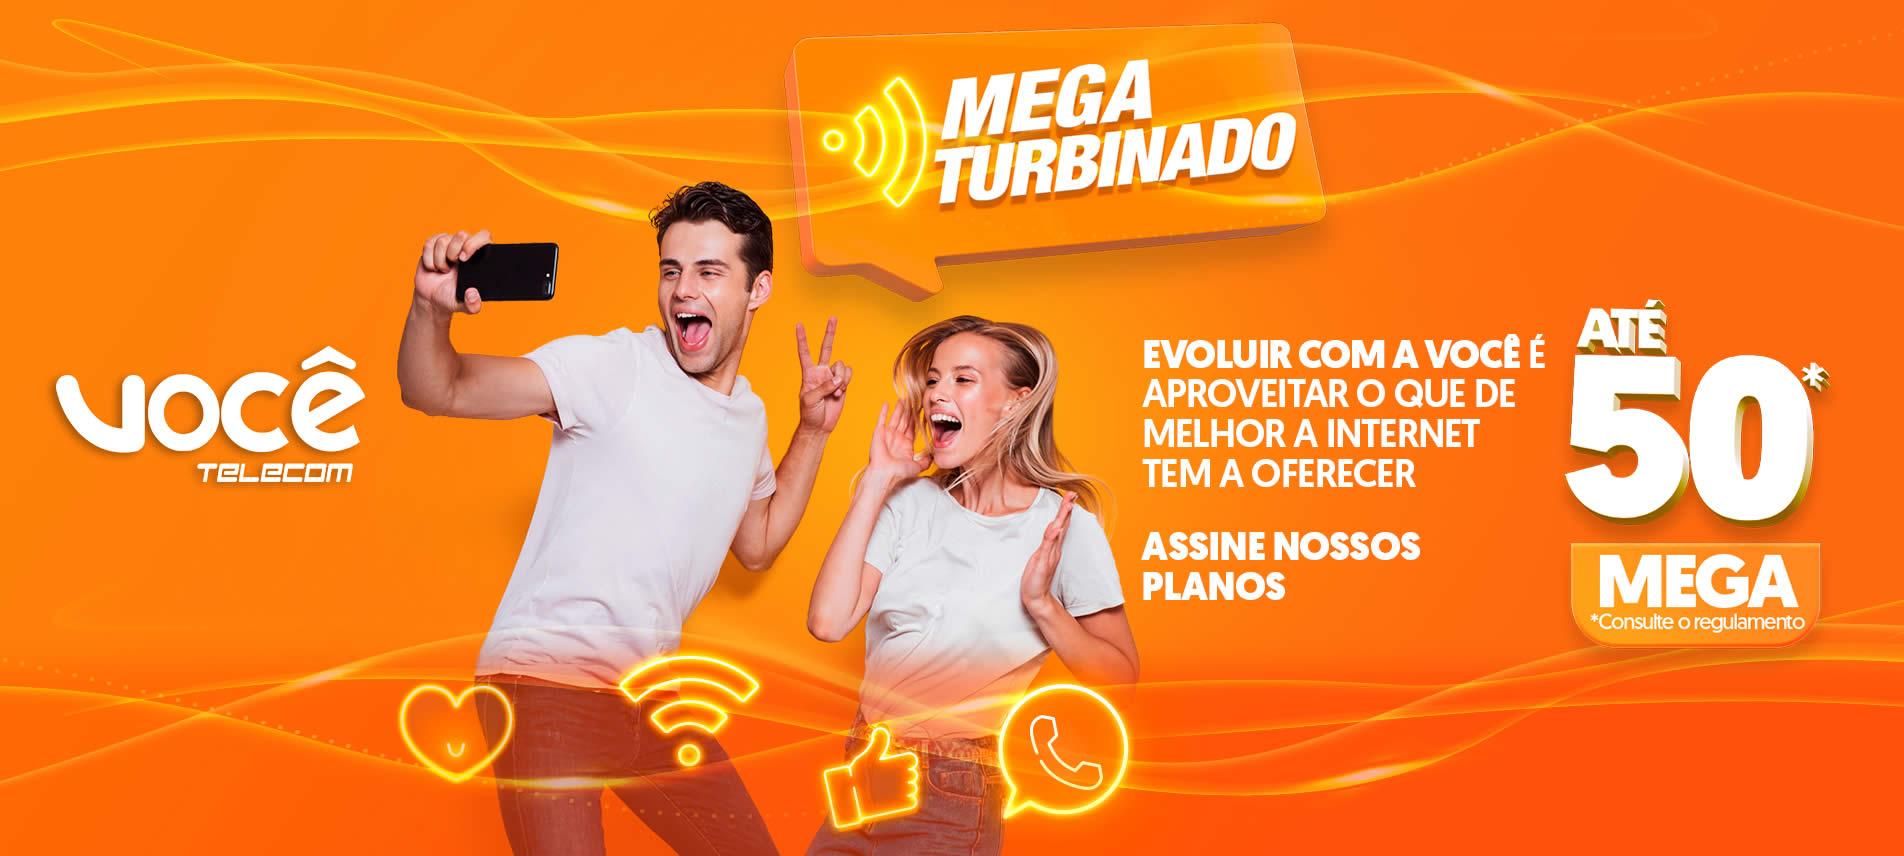 Você Telelecom - Muito Mais que Internet em Macapá-AP